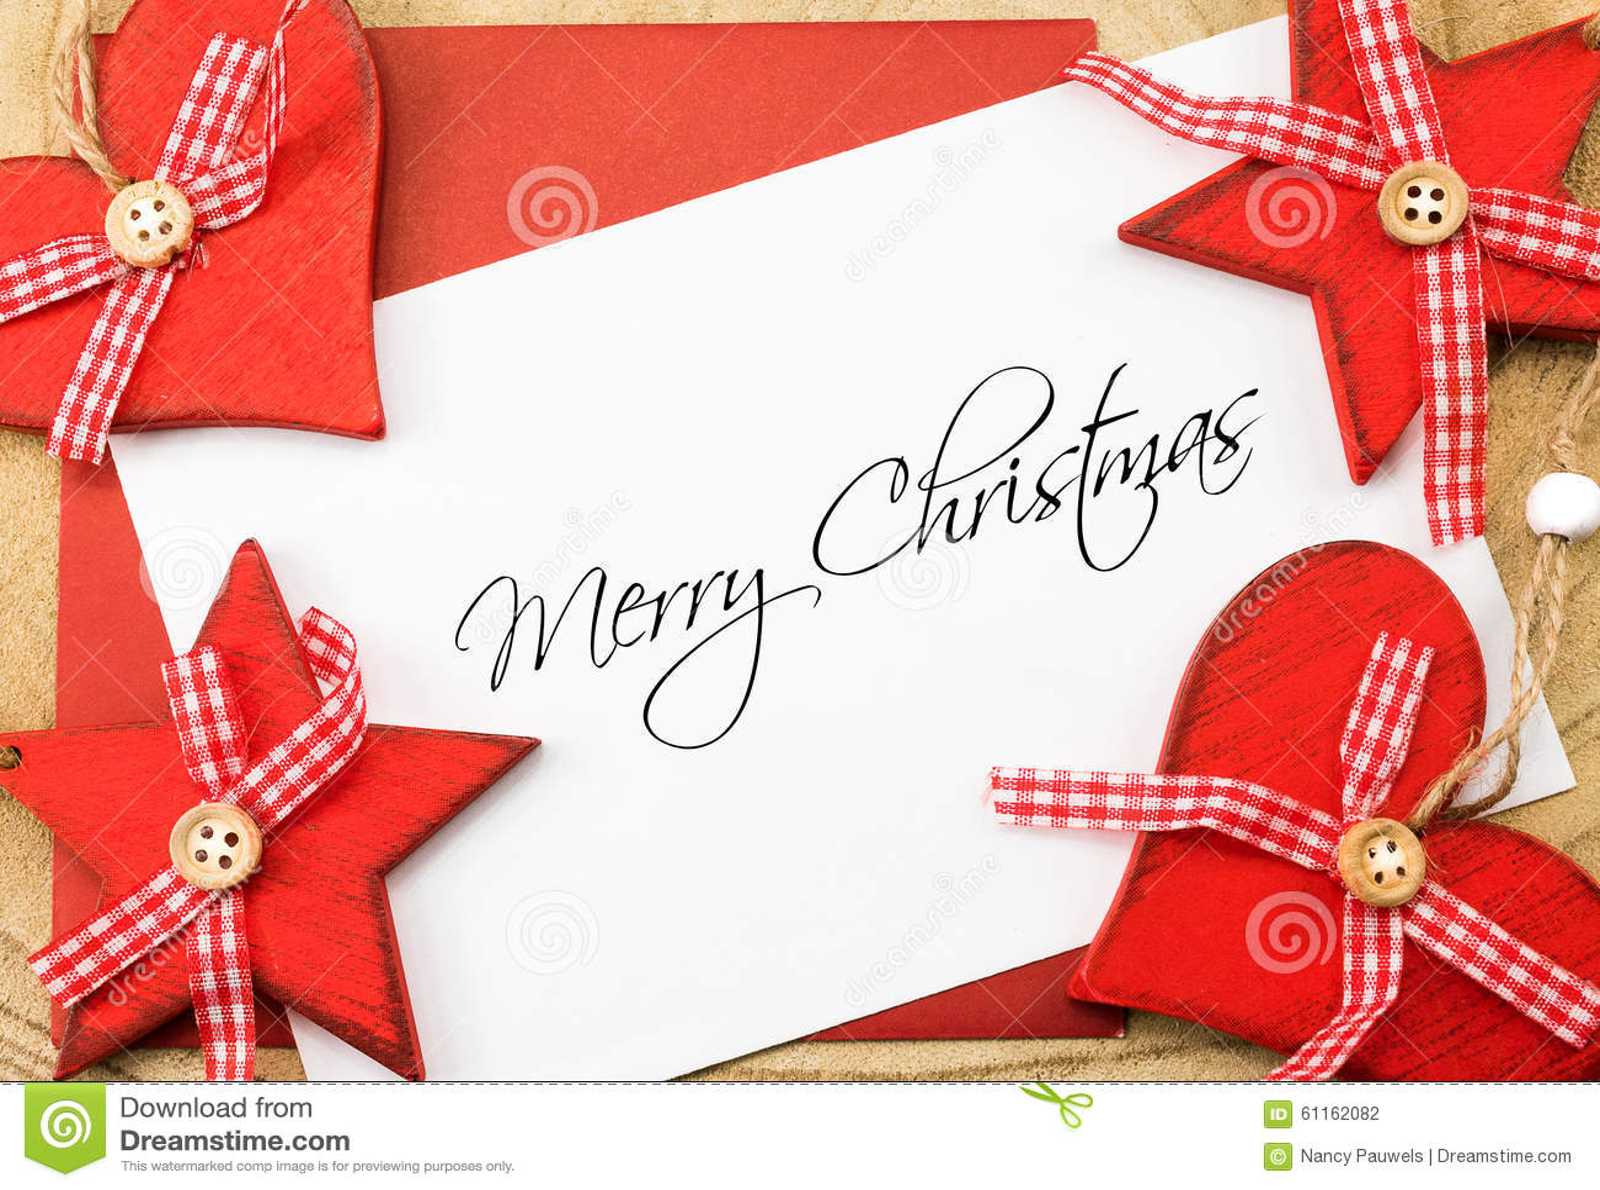 Felicitaciones Escritas De Navidad.Tarjeta Rojo Y Blanco De Felicitaciones De La Feliz Navidad